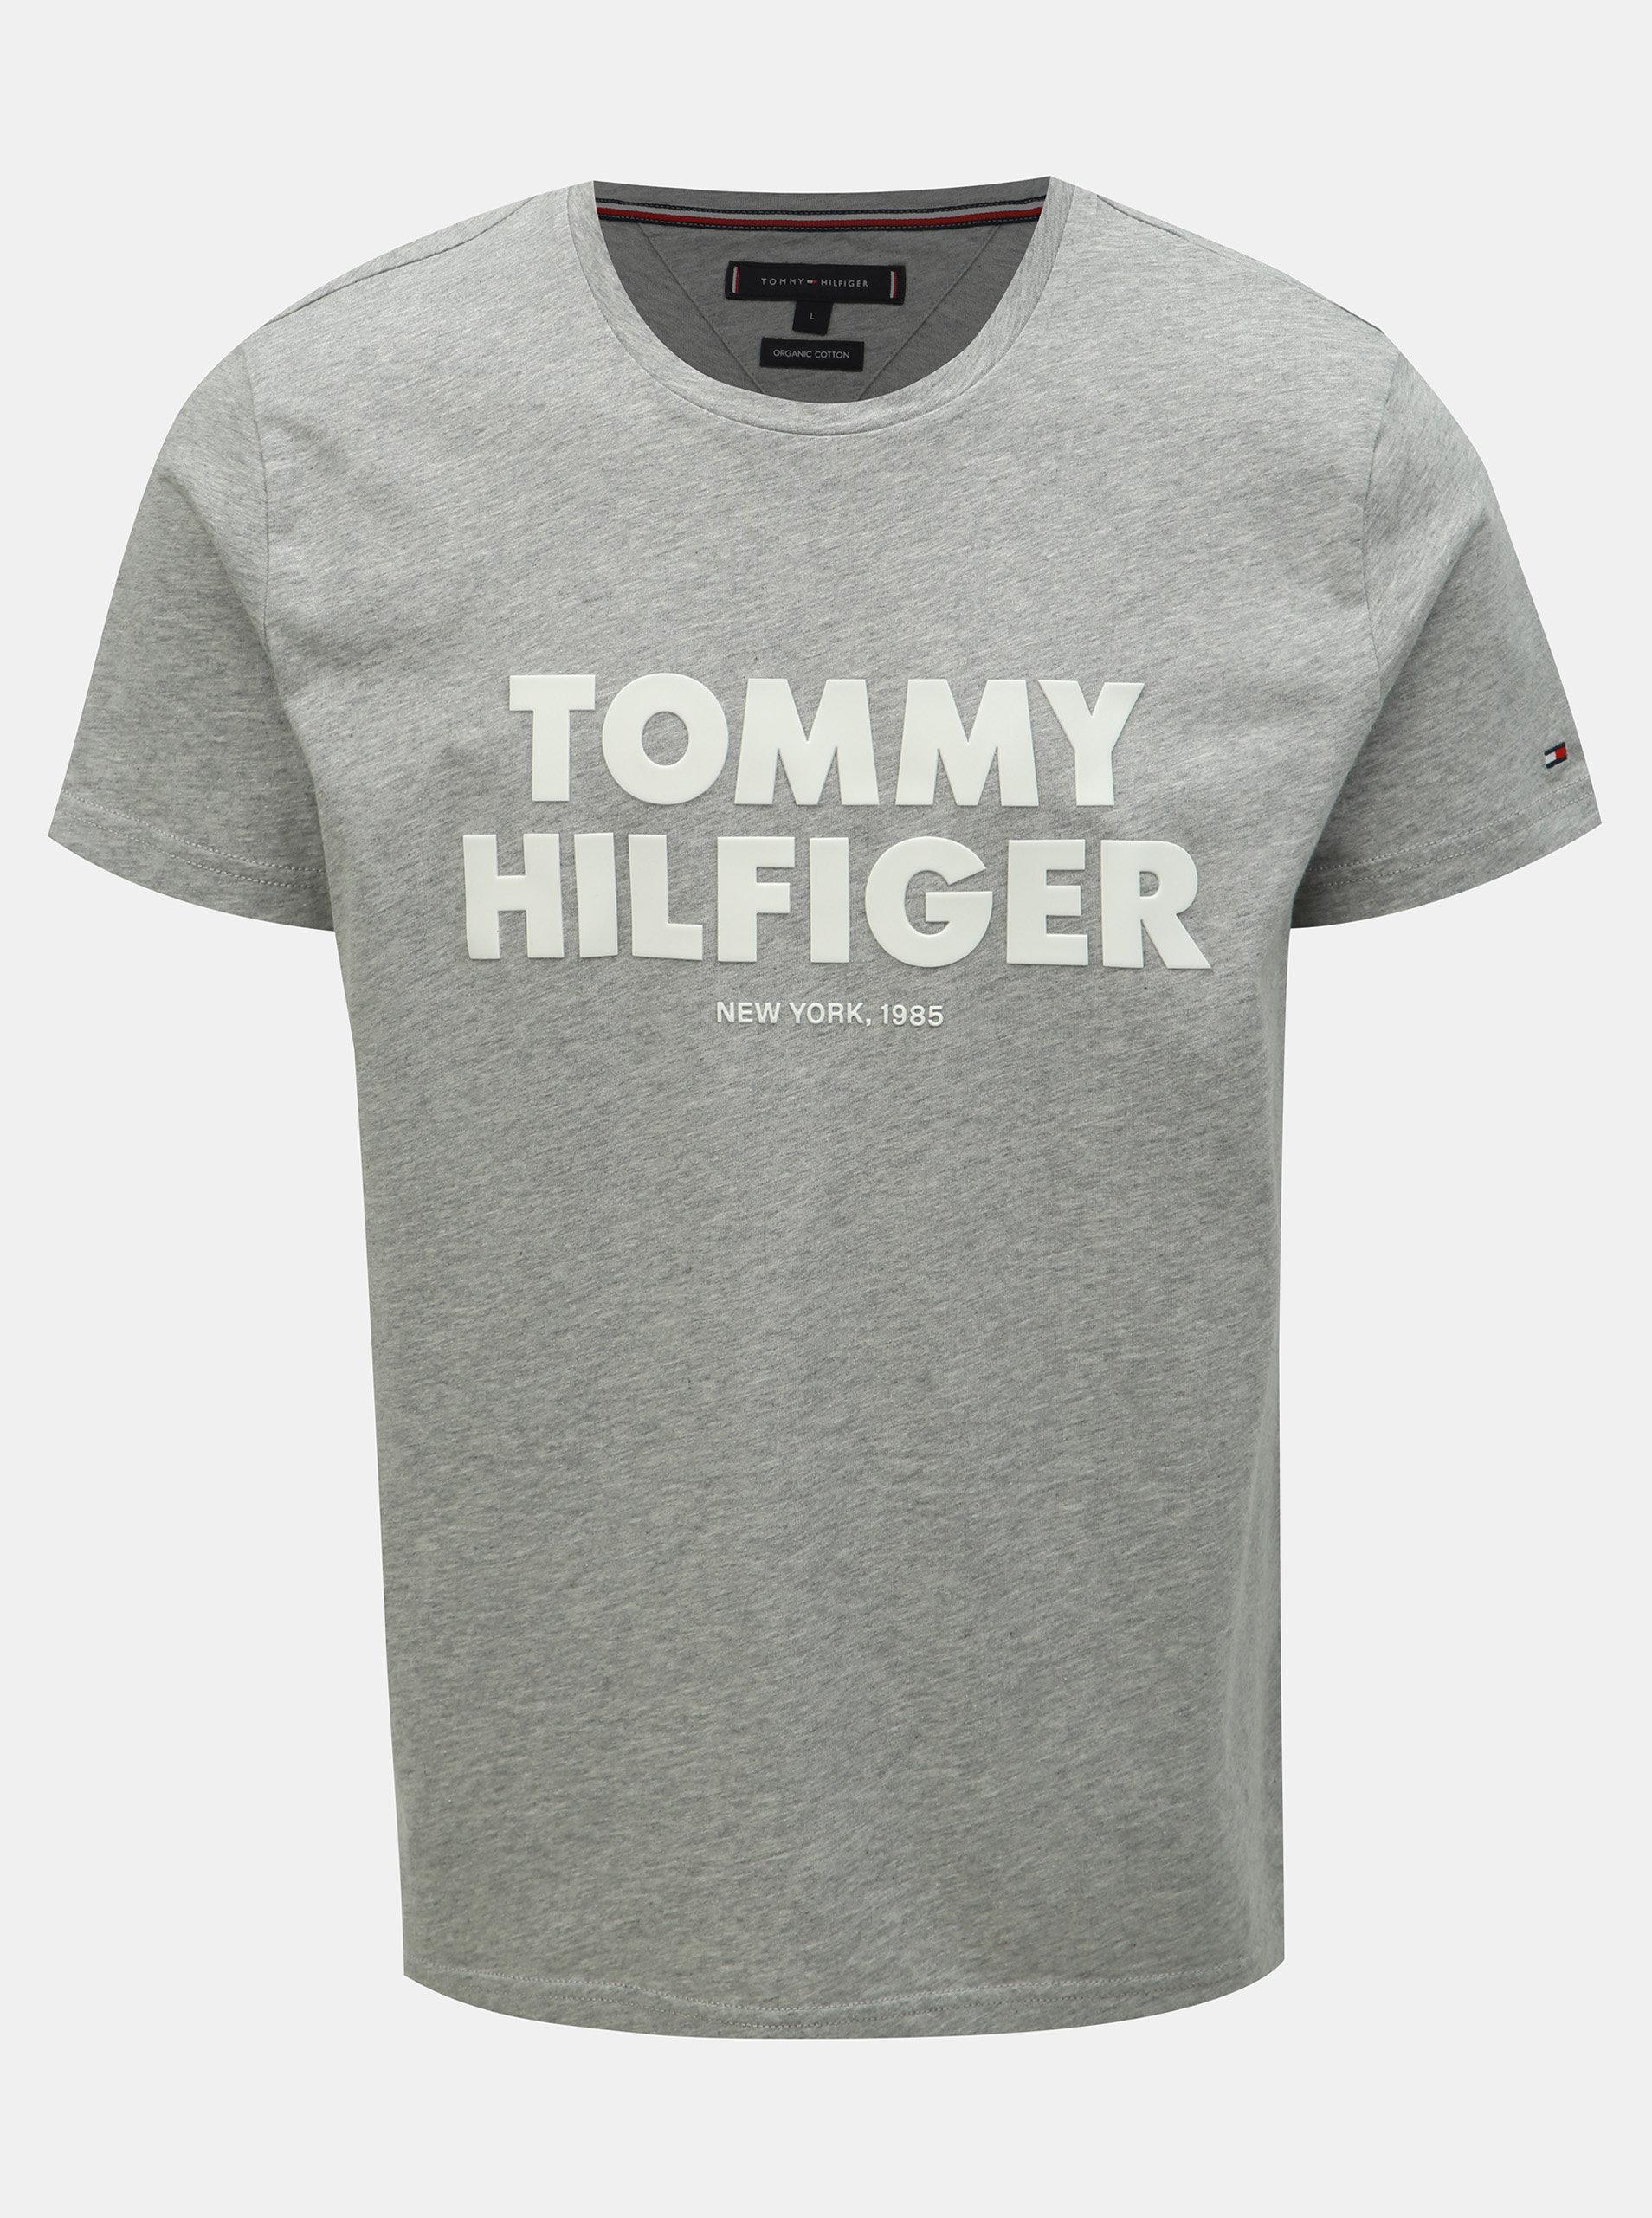 1df36bdc1b9f Sivé pánske melírované tričko s potlačou Tommy Hilfiger ...